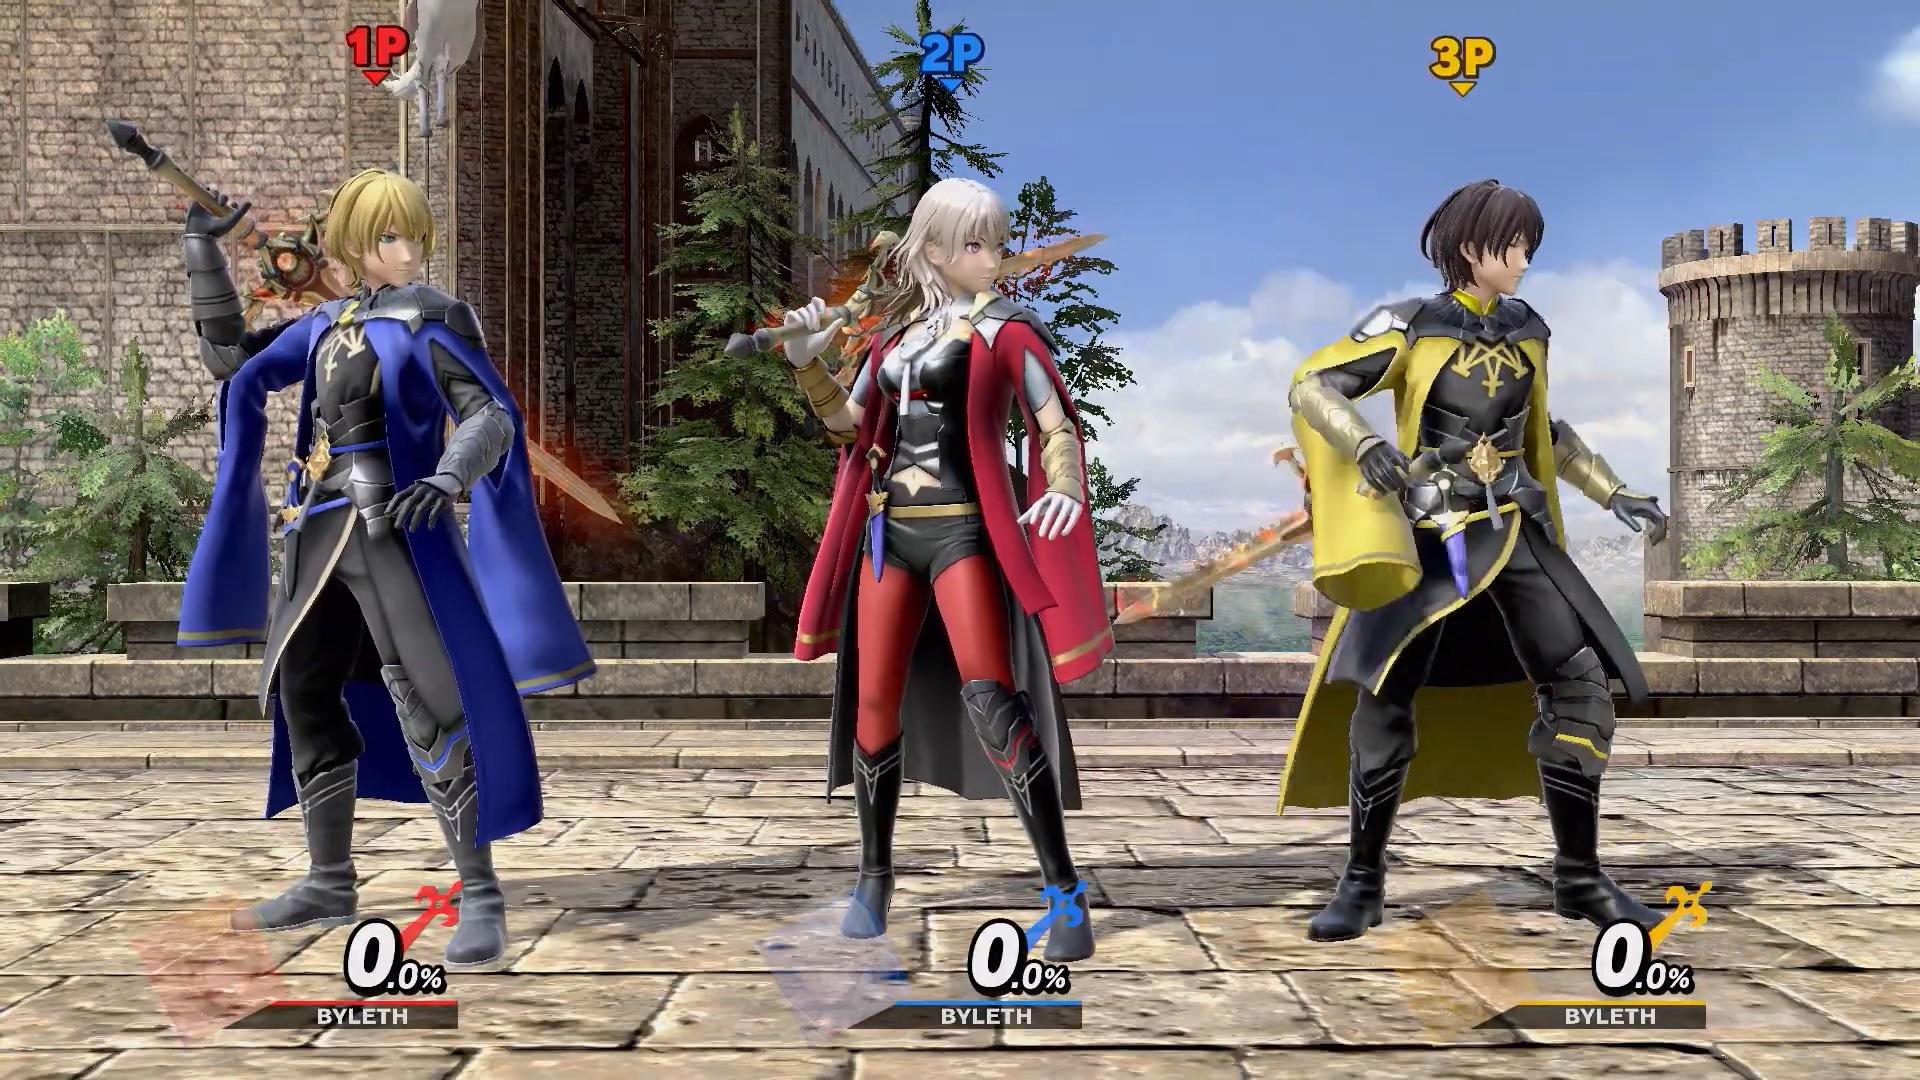 Super Smash Bros Ultimate Byleth 2